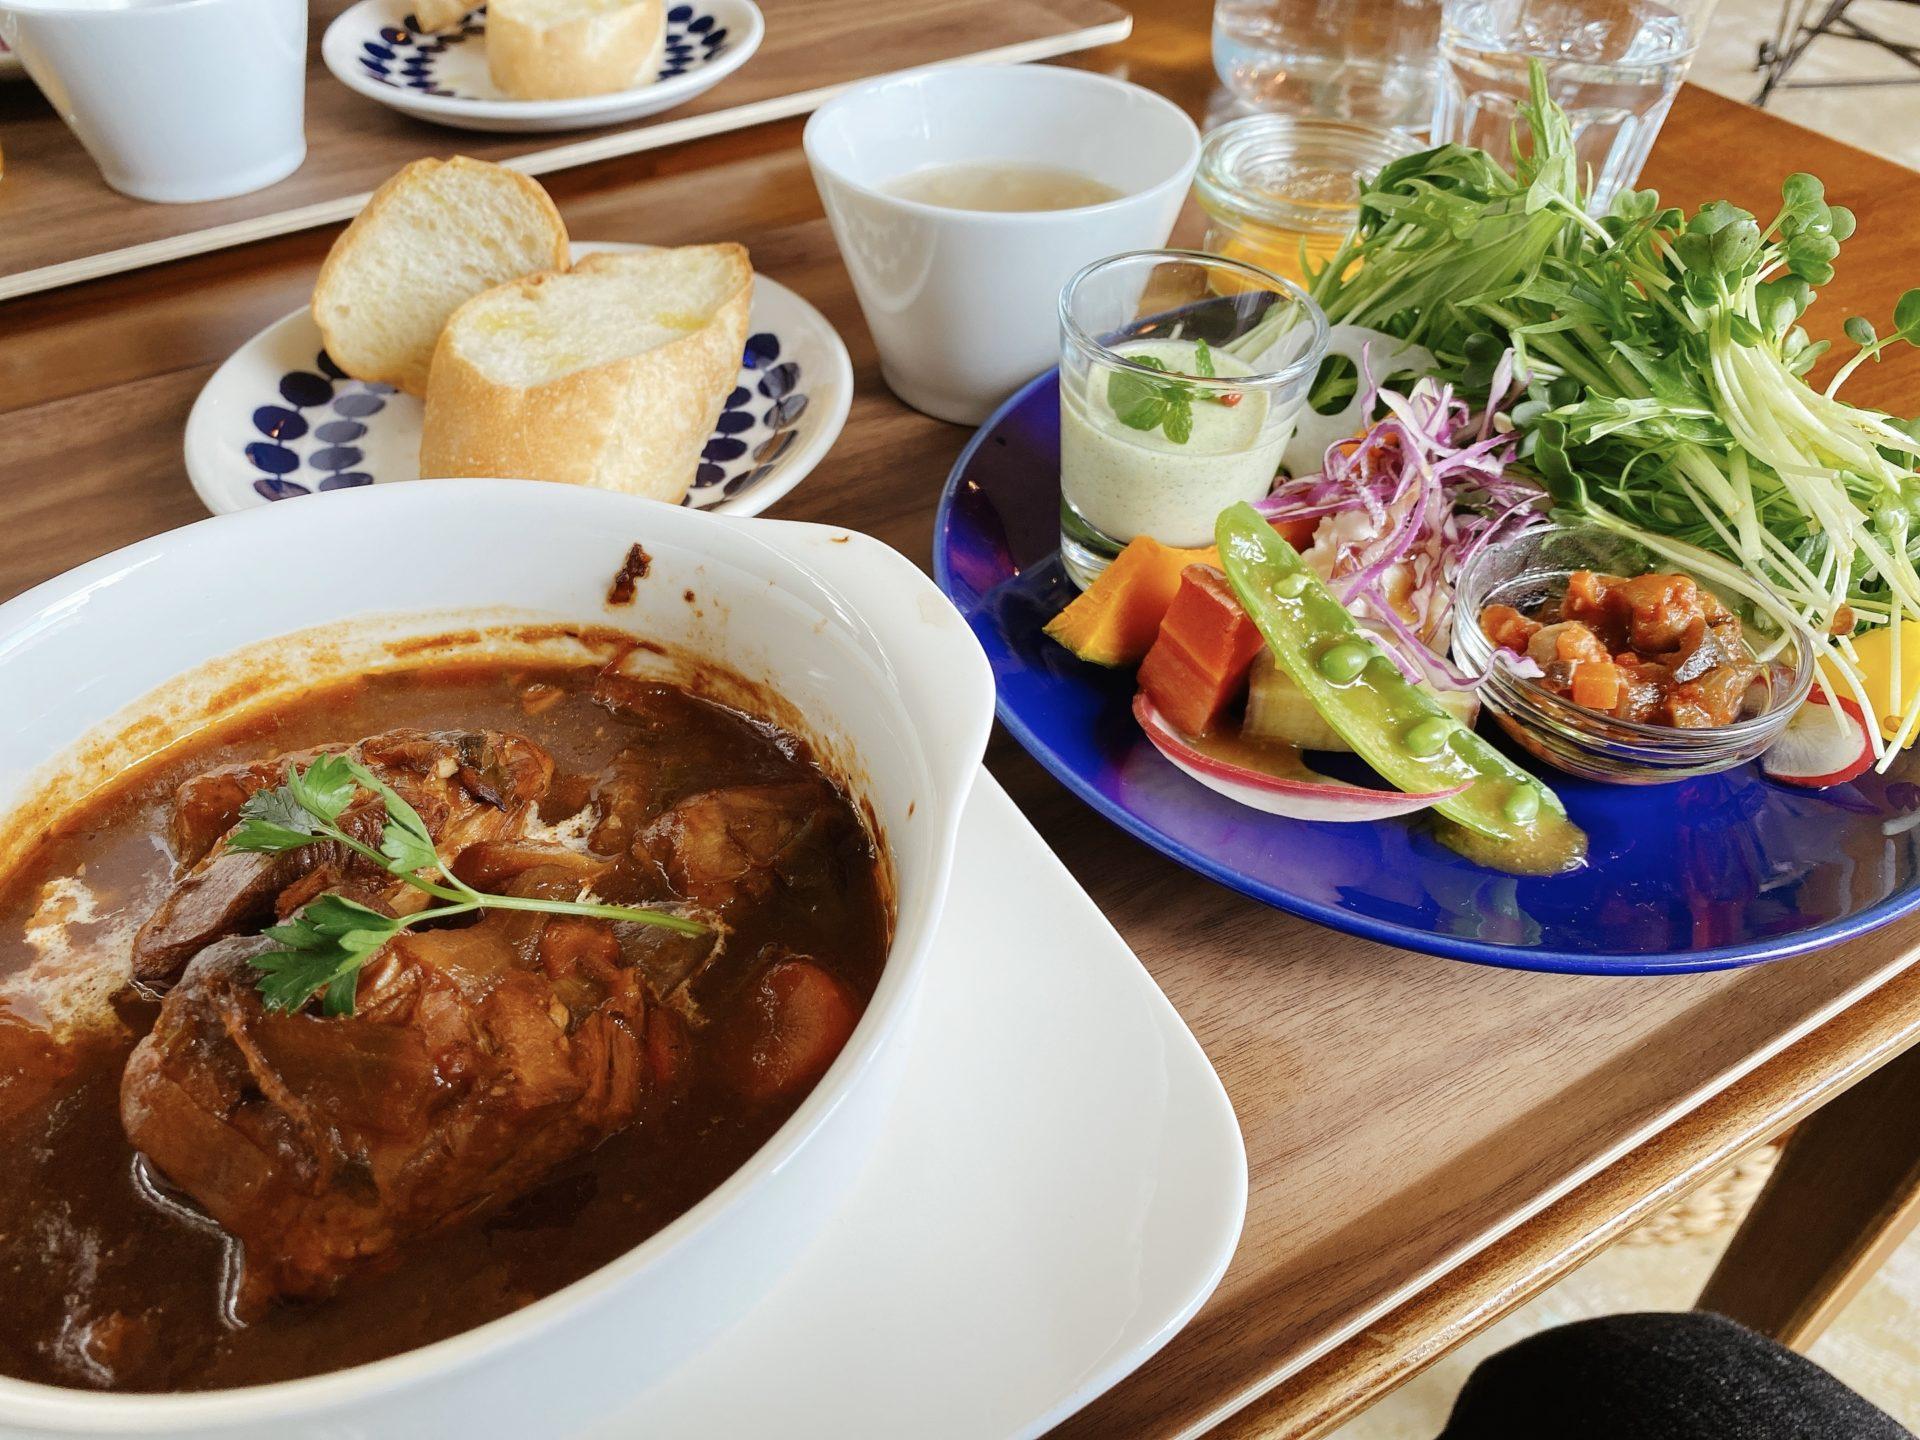 大多羅駅から車で5分【Bonap(ボナップ)】 10月26日オープンの新カフェでのランチタイムはフレンチ気分で美味しく楽しく!